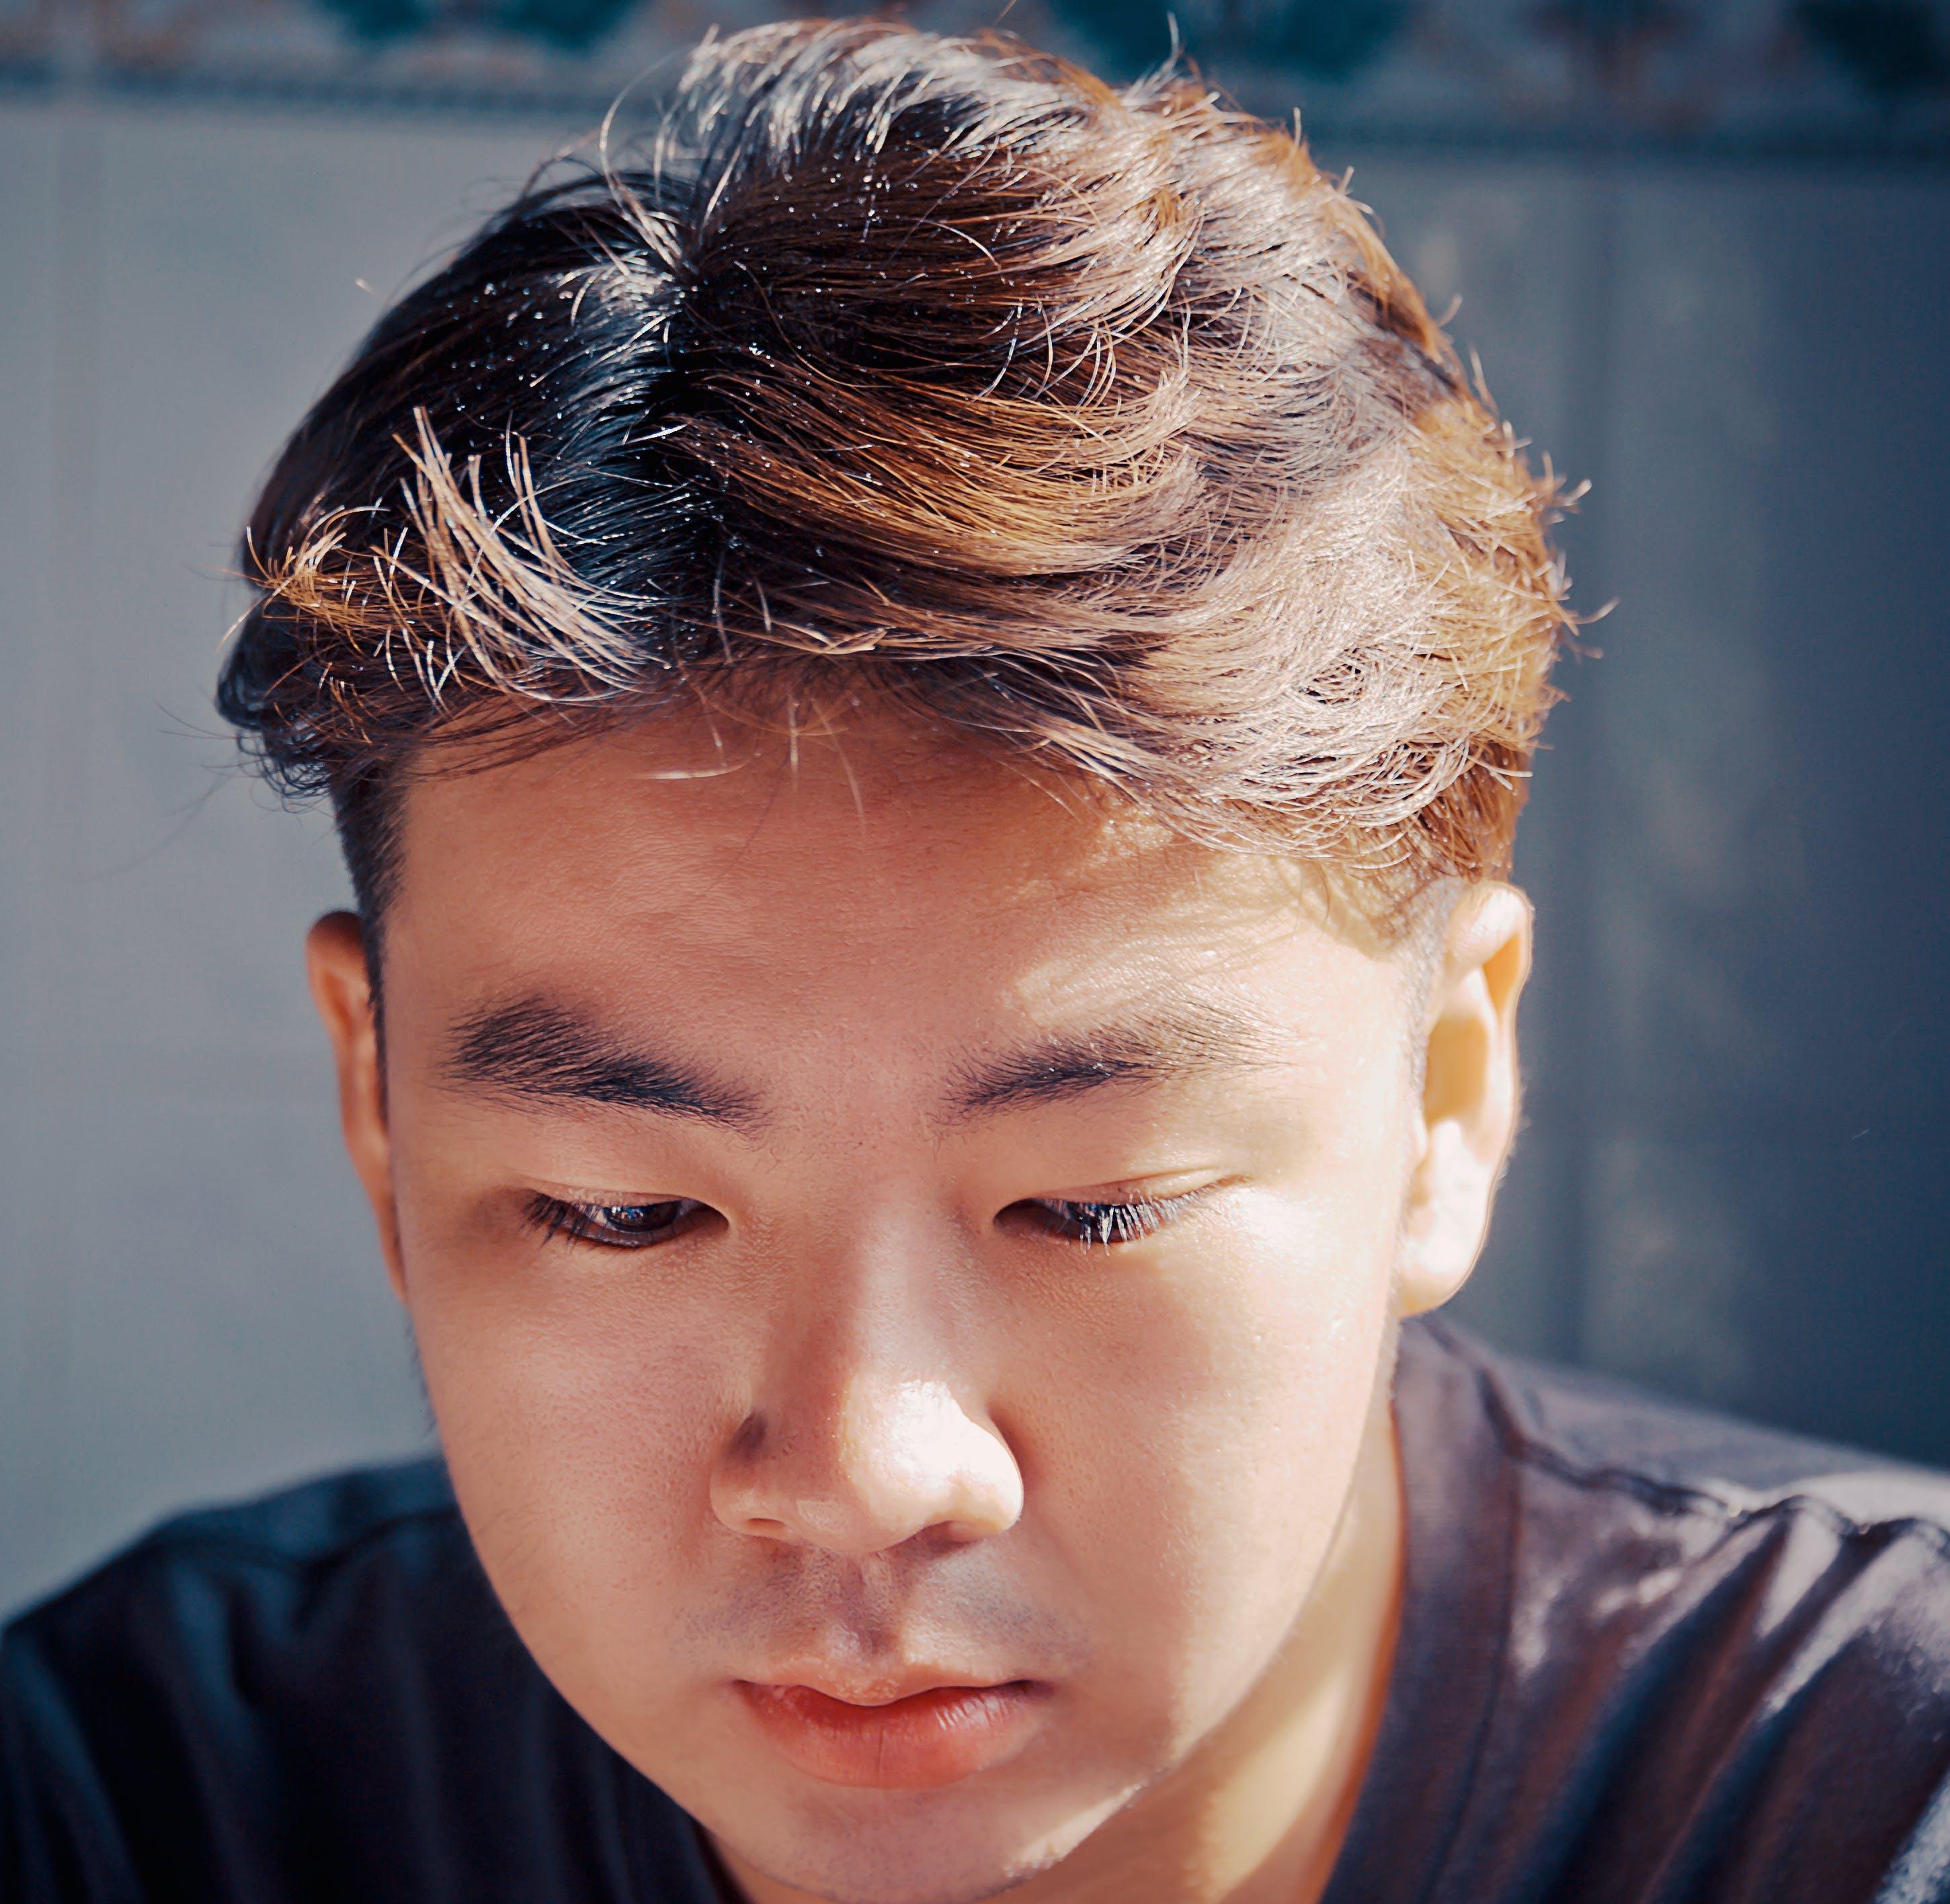 Man Wearing Black Top